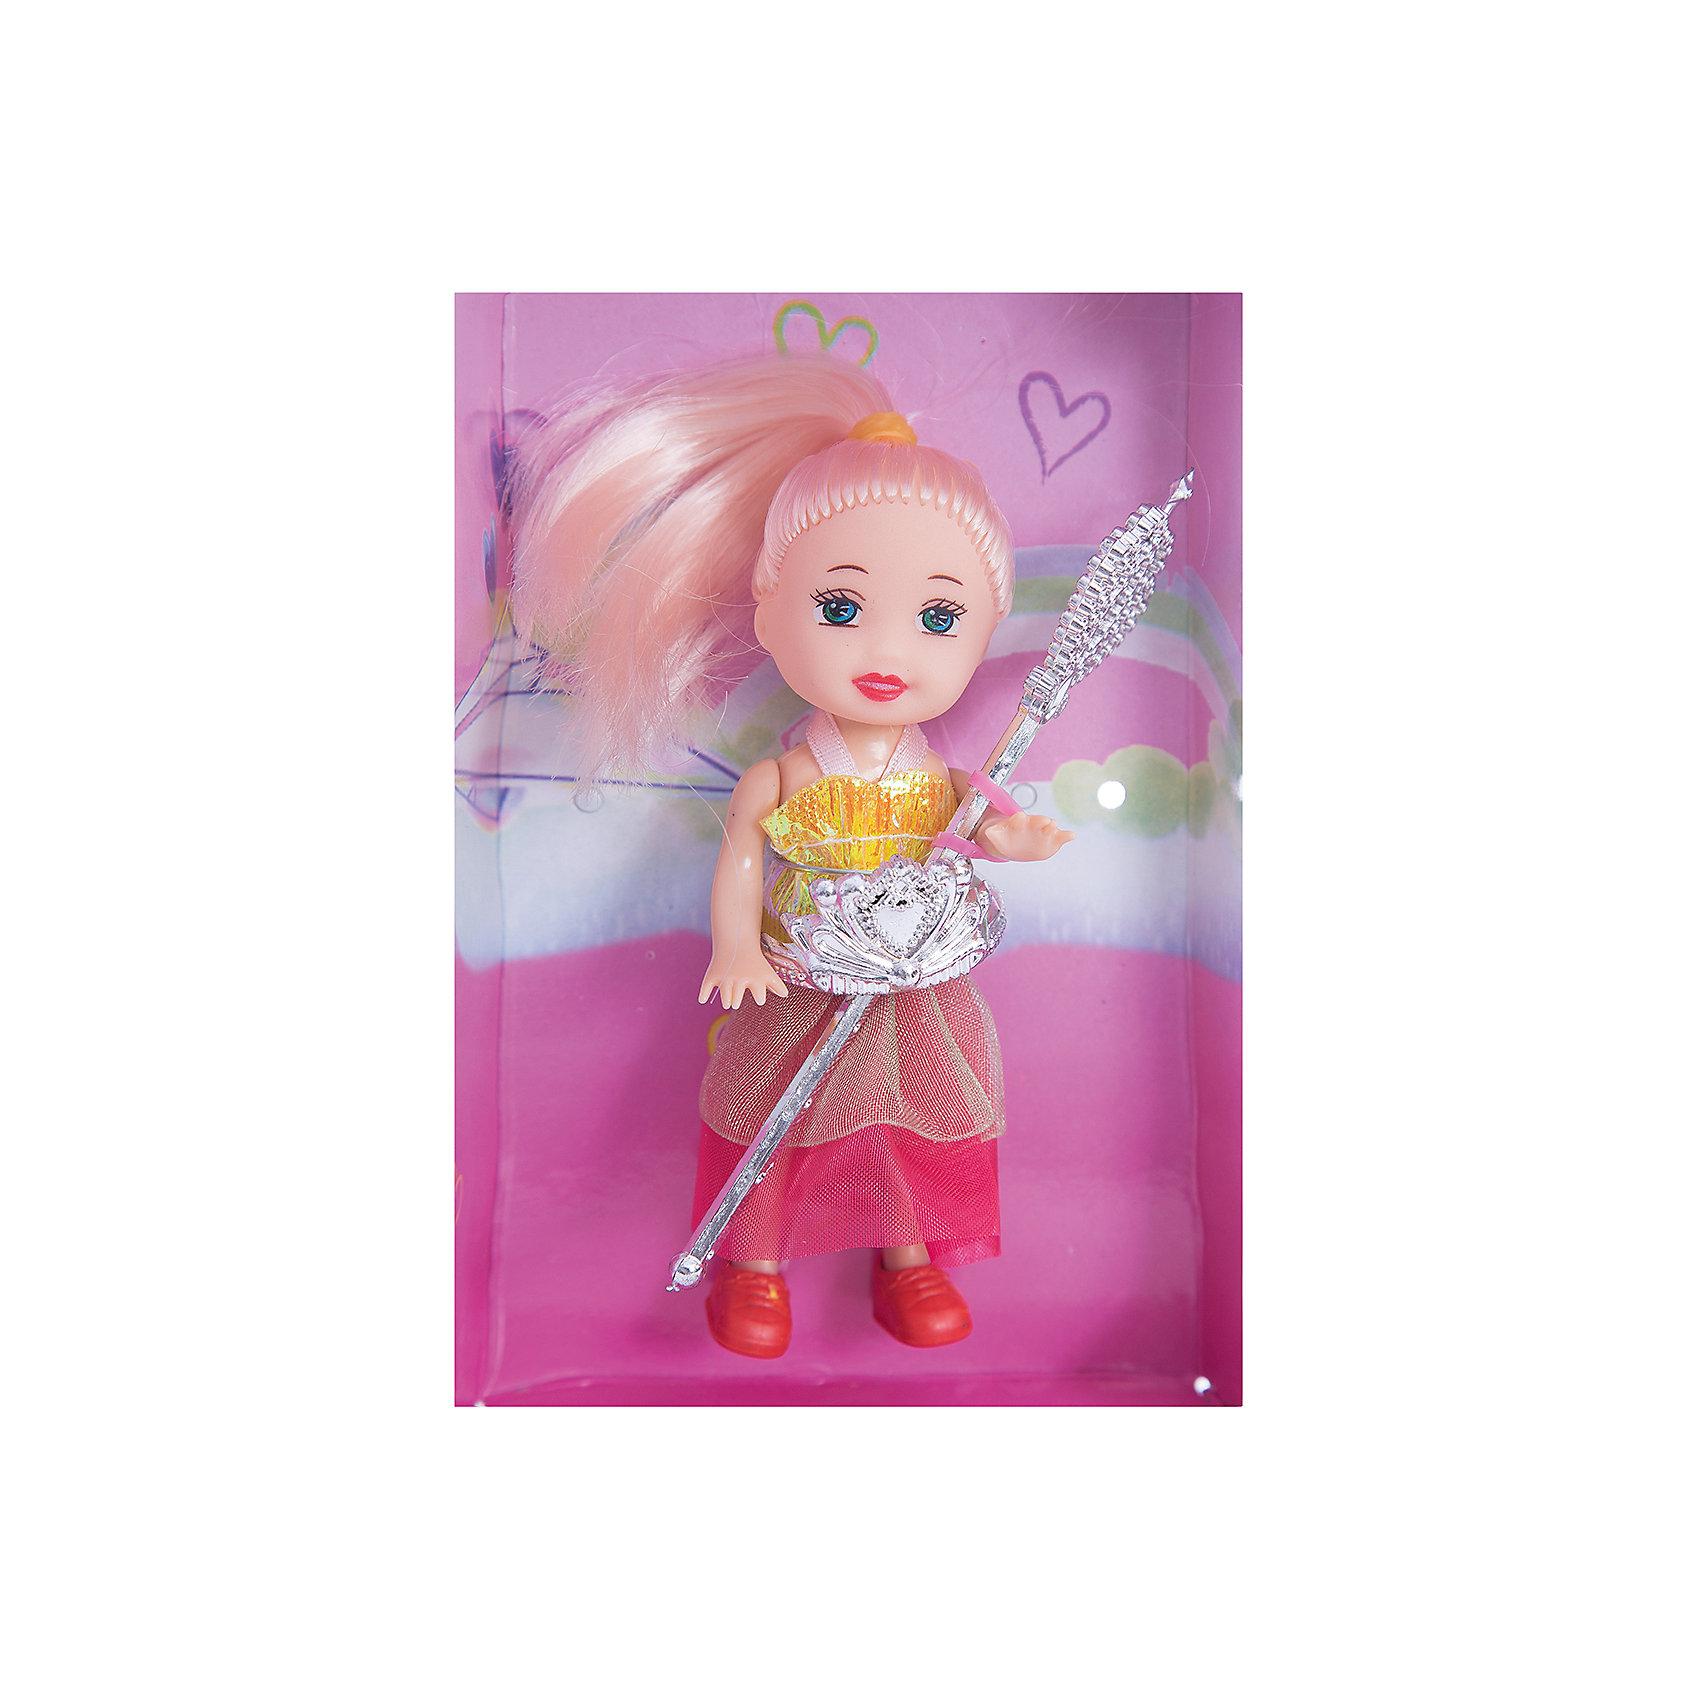 Кукла Маленькая Принцесса, EstaBellaКлассические куклы<br>Кукла Маленькая Принцесса, EstaBella (Эстабелла) – эта малышка непременно порадует вашу девочку.<br>Познакомьтесь с чудесной маленькой принцессой! Ее выразительные глаза по-настоящему очаровывают. Волосы с разноцветными прядями завязаны розовыми резиночками. Малышка одета в очаровательное платье с пышной юбкой. Королевский атрибут юной принцессы - волшебная палочка. Такая кукла обязательно понравится вашей девочке и возможно станет самой любимой игрушкой.<br><br>Дополнительная информация:<br><br>- Высота куклы: 10 см.<br>- Материал: пластик, текстиль<br>- Размер упаковки: 14х4х8 см.<br><br>Куклу Маленькая Принцесса, EstaBella (Эстабелла) можно купить в нашем интернет-магазине.<br><br>Ширина мм: 140<br>Глубина мм: 40<br>Высота мм: 80<br>Вес г: 440<br>Возраст от месяцев: 36<br>Возраст до месяцев: 72<br>Пол: Женский<br>Возраст: Детский<br>SKU: 4552898